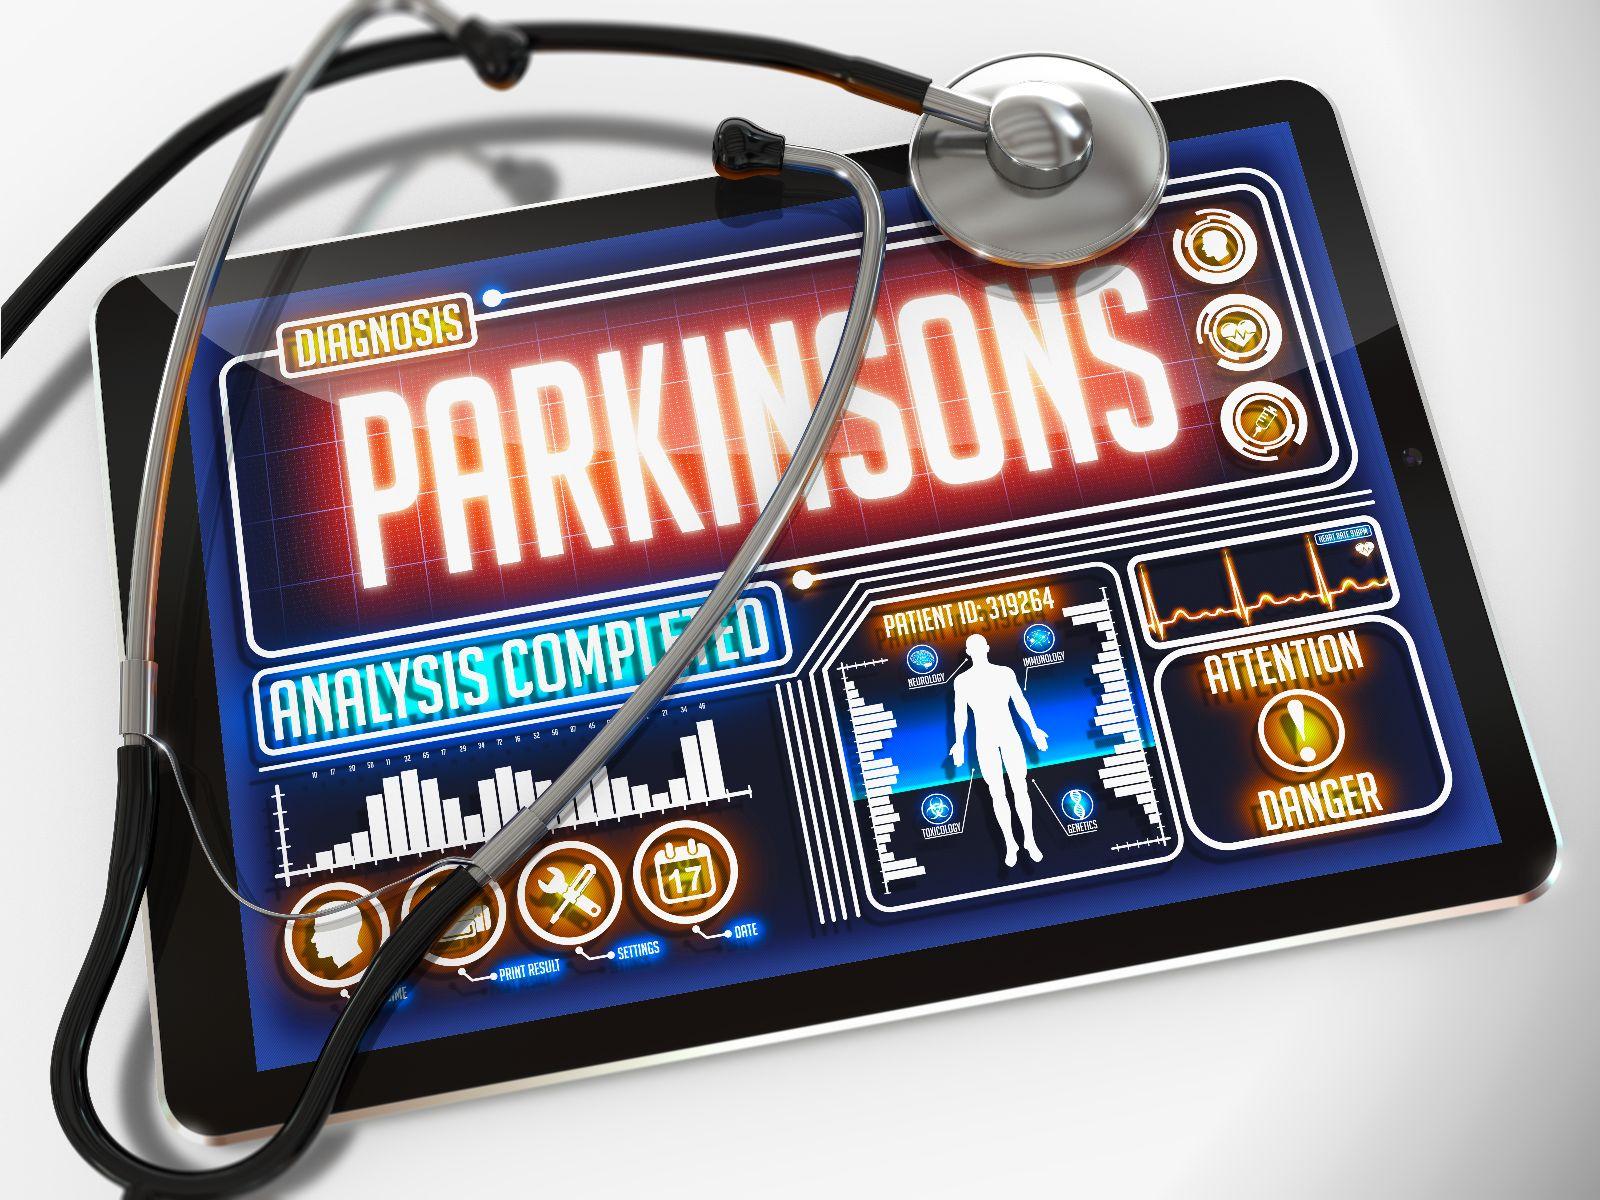 """Estetoscopio al lado de una pantalla de computadora con una ilustracipon y la palabra """"Parkinsons"""""""